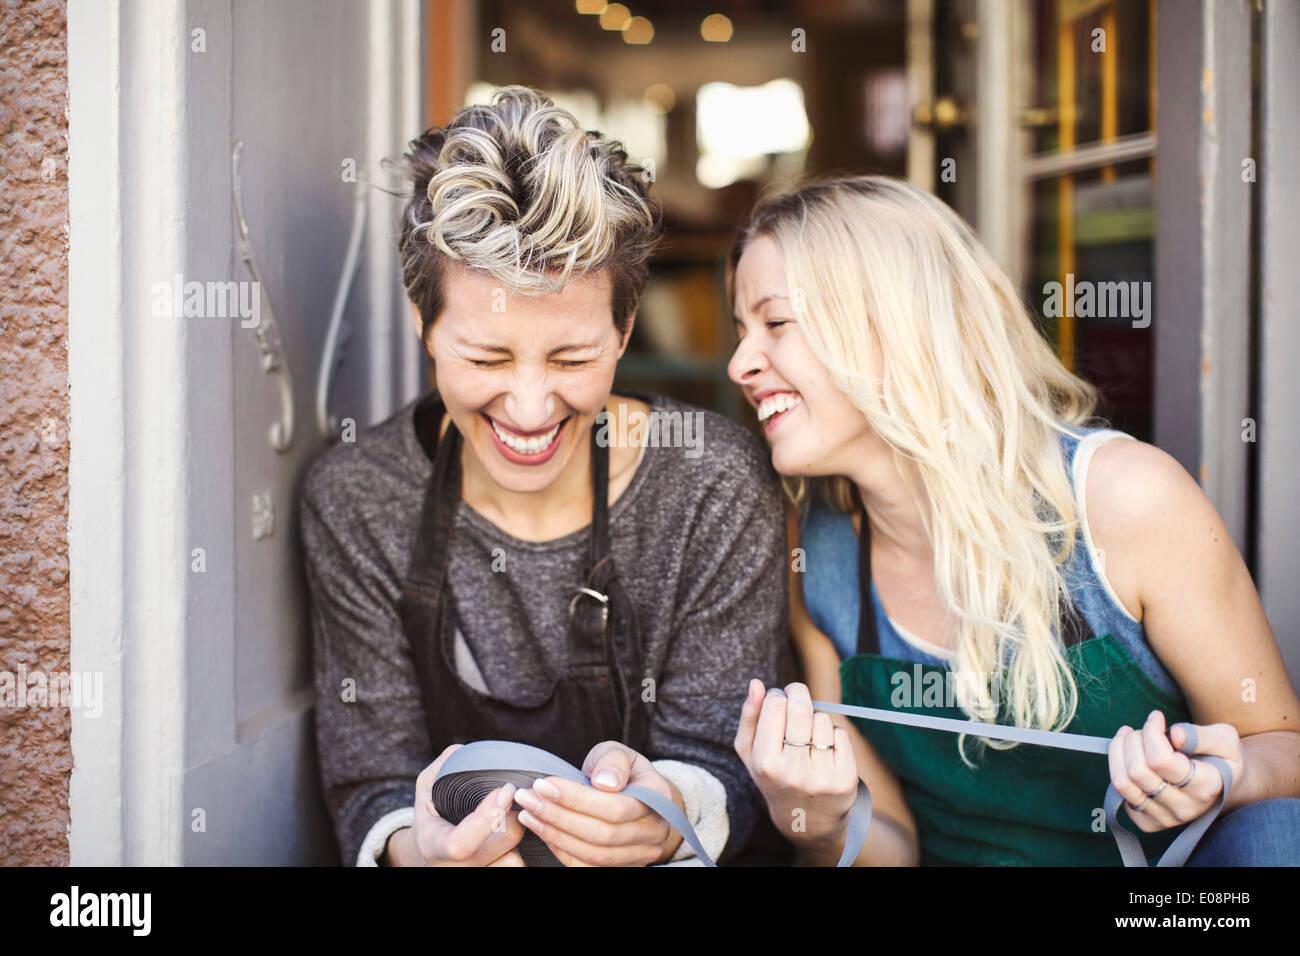 Glücklich Modedesigner mit Multifunktionsleiste Spule am Studio Tür sitzen Stockbild